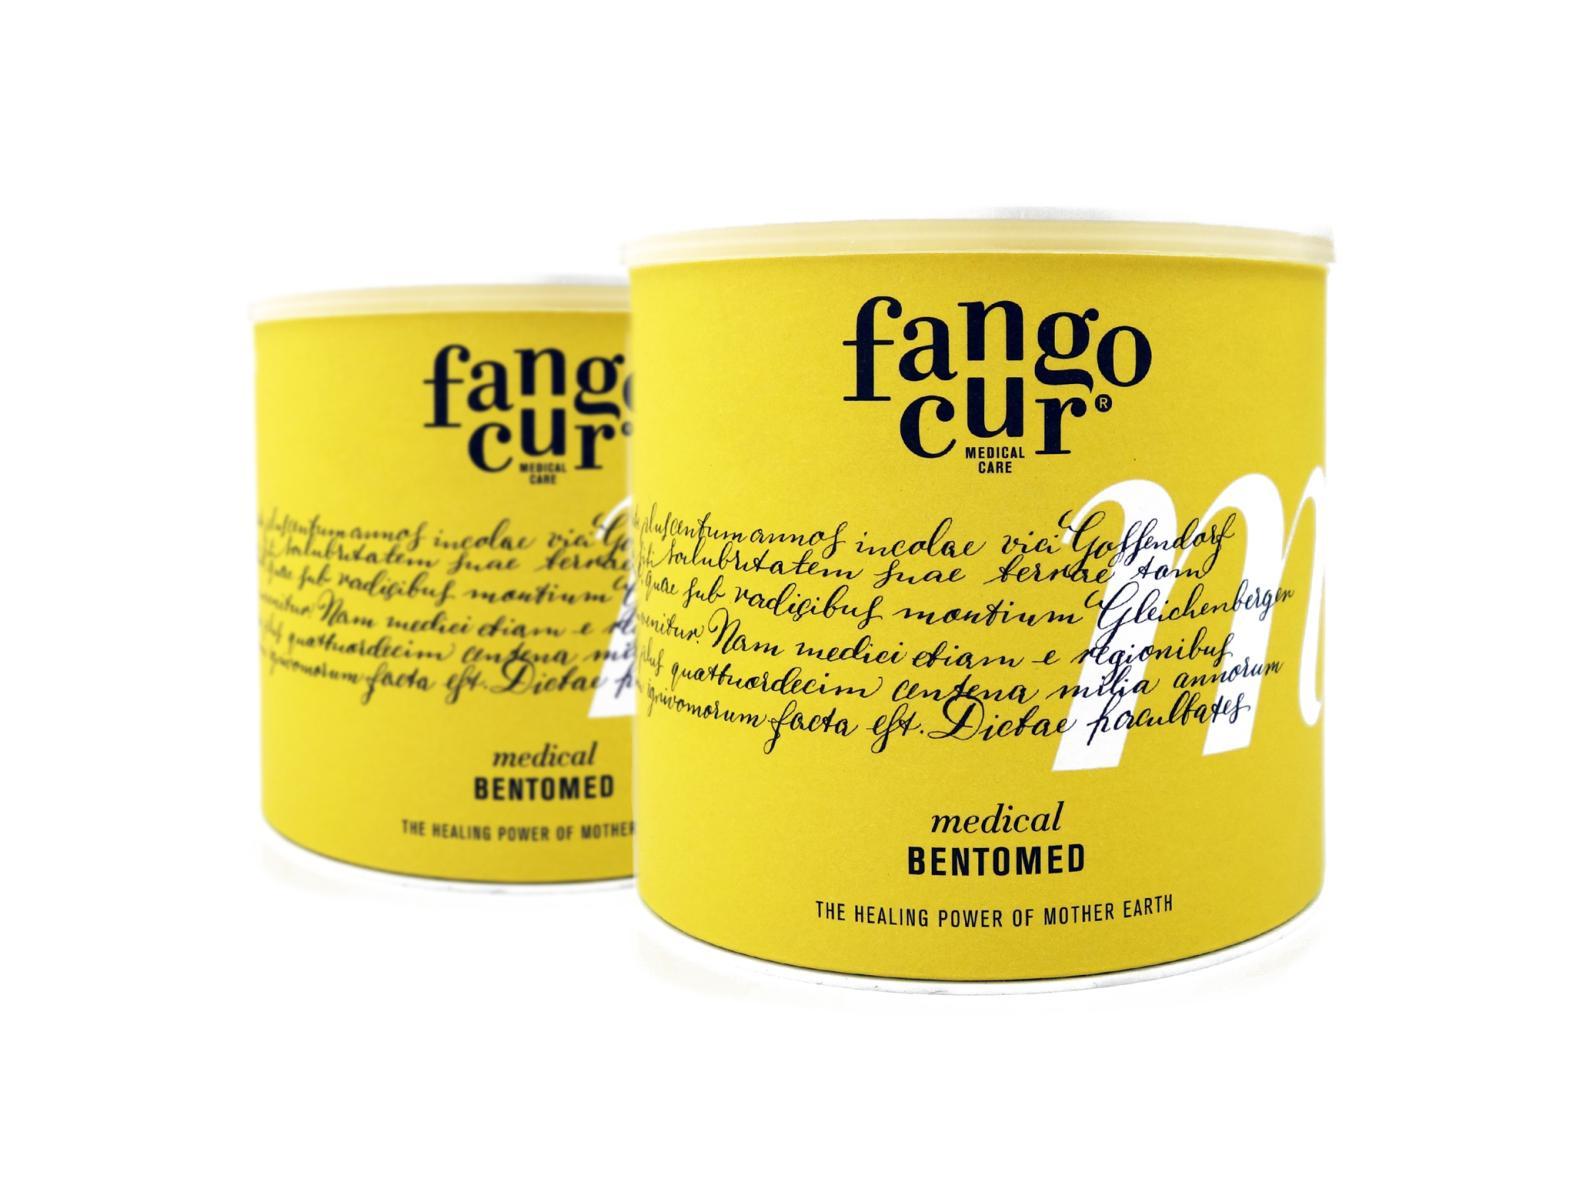 Fangocur Bentomed Doppelpack (2x 200ml zum Sparpreis)